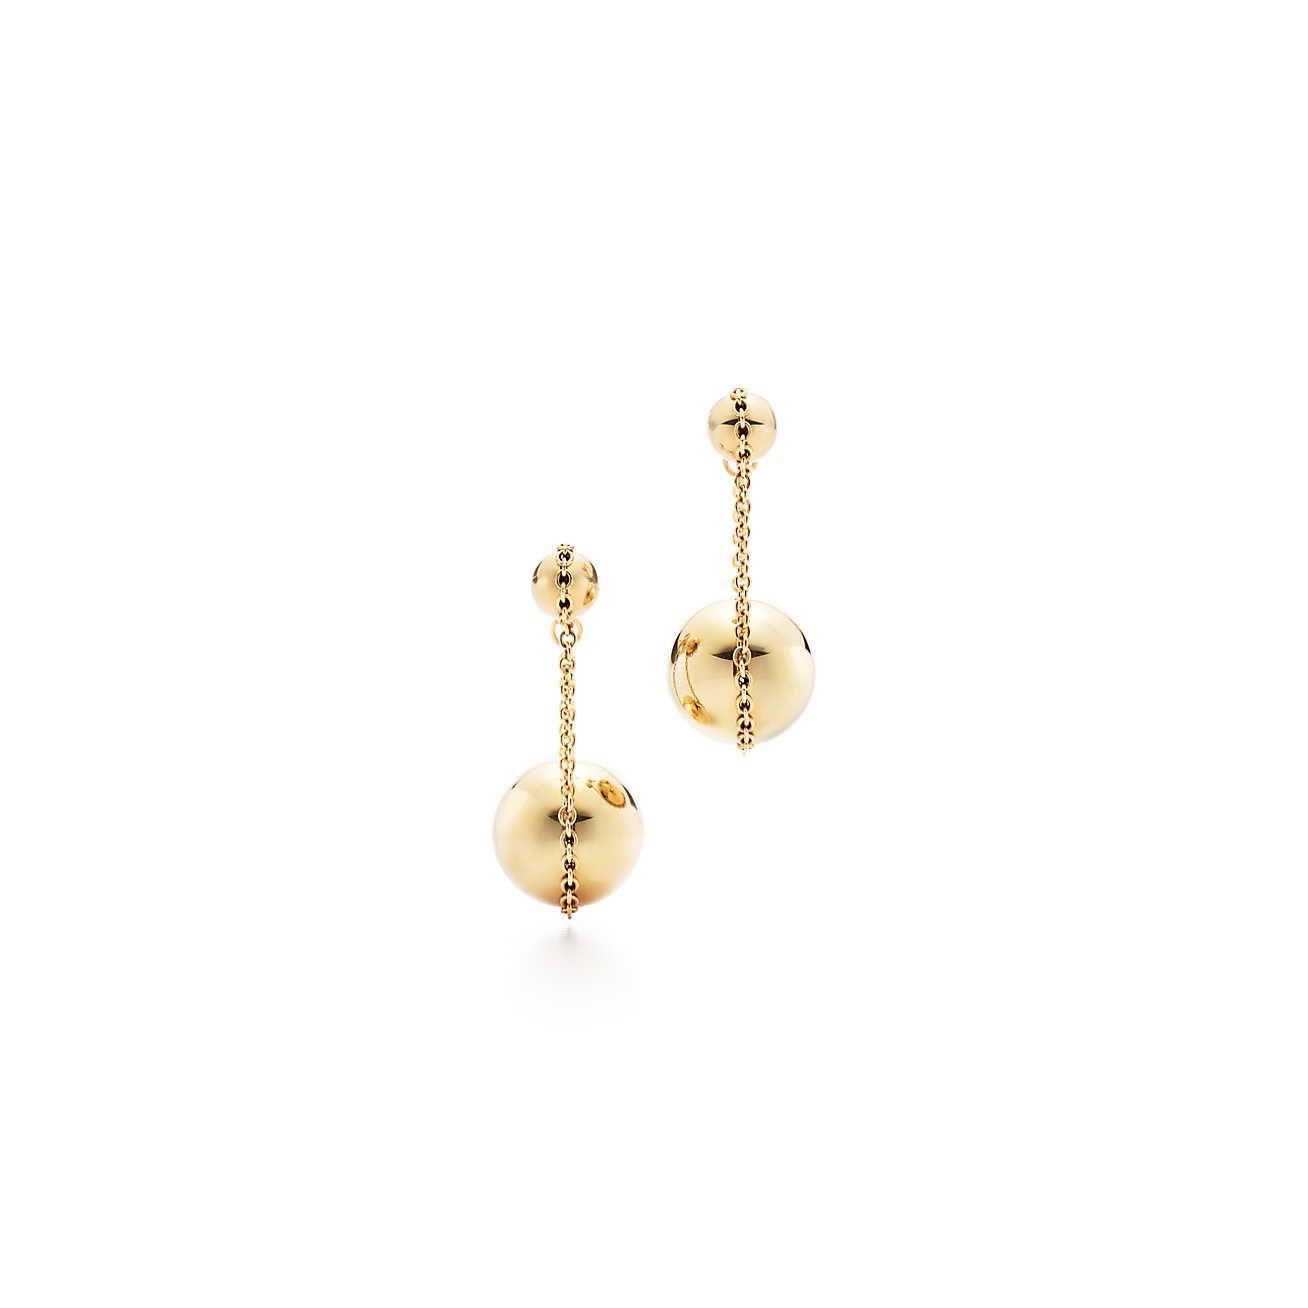 Tiffany Hardwear Double Drop Earrings 18k Gold Chain Chains Gemstone